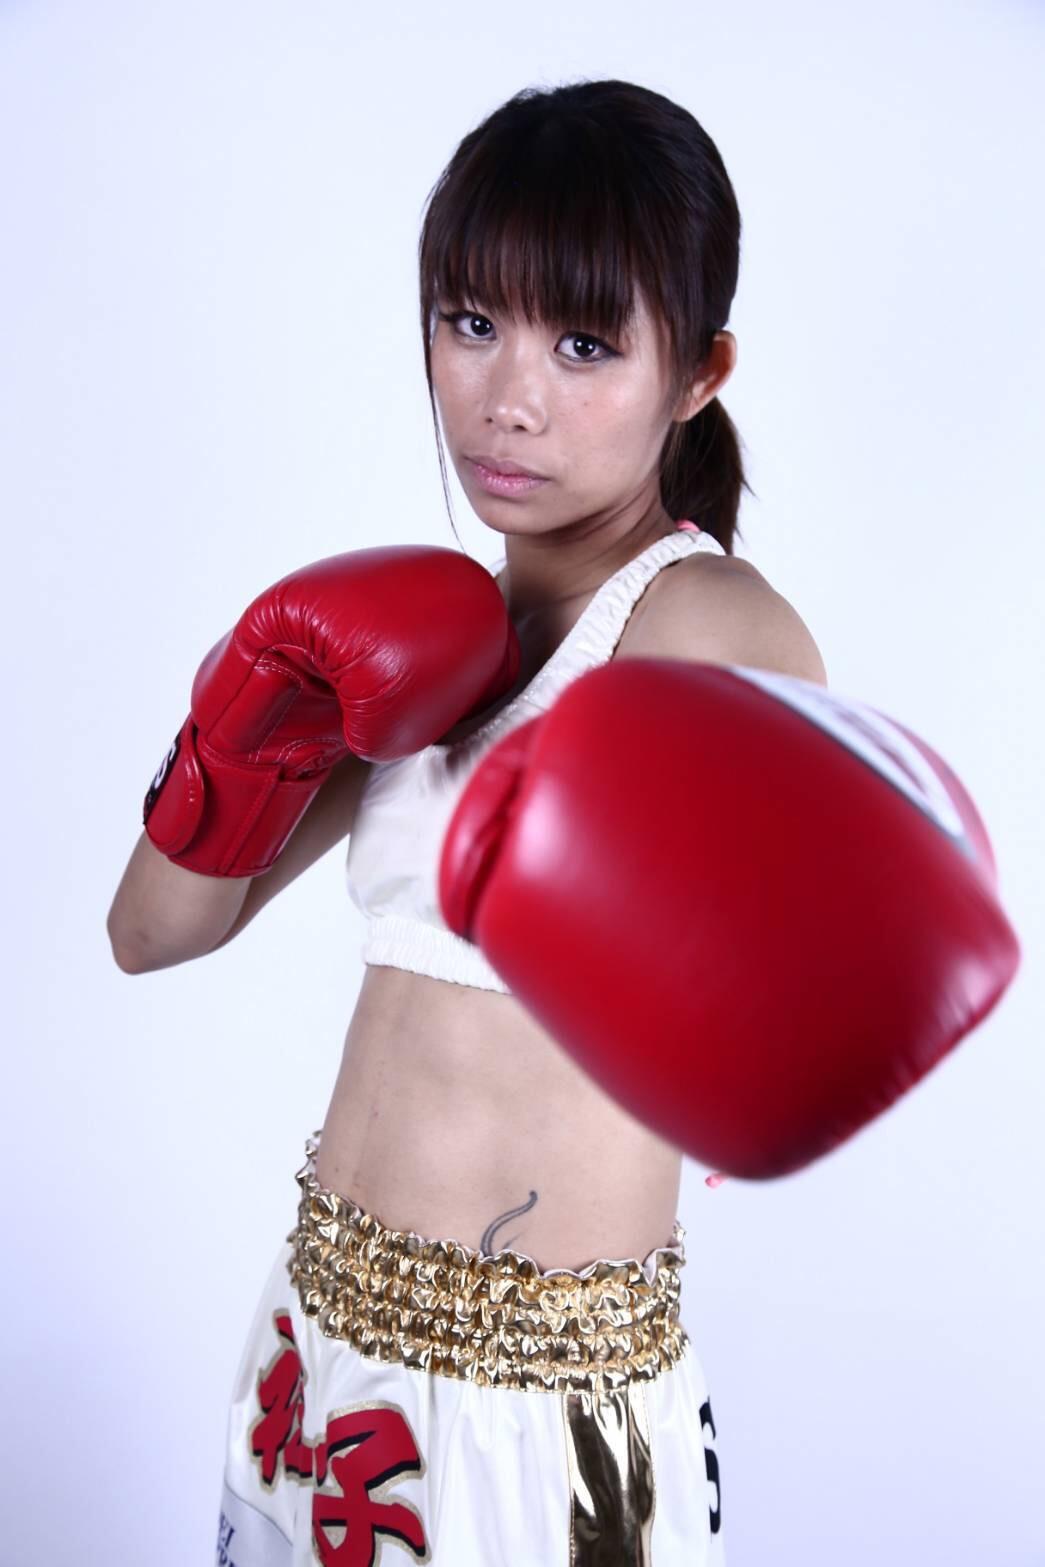 祥子JSKという治政館のプロ選手